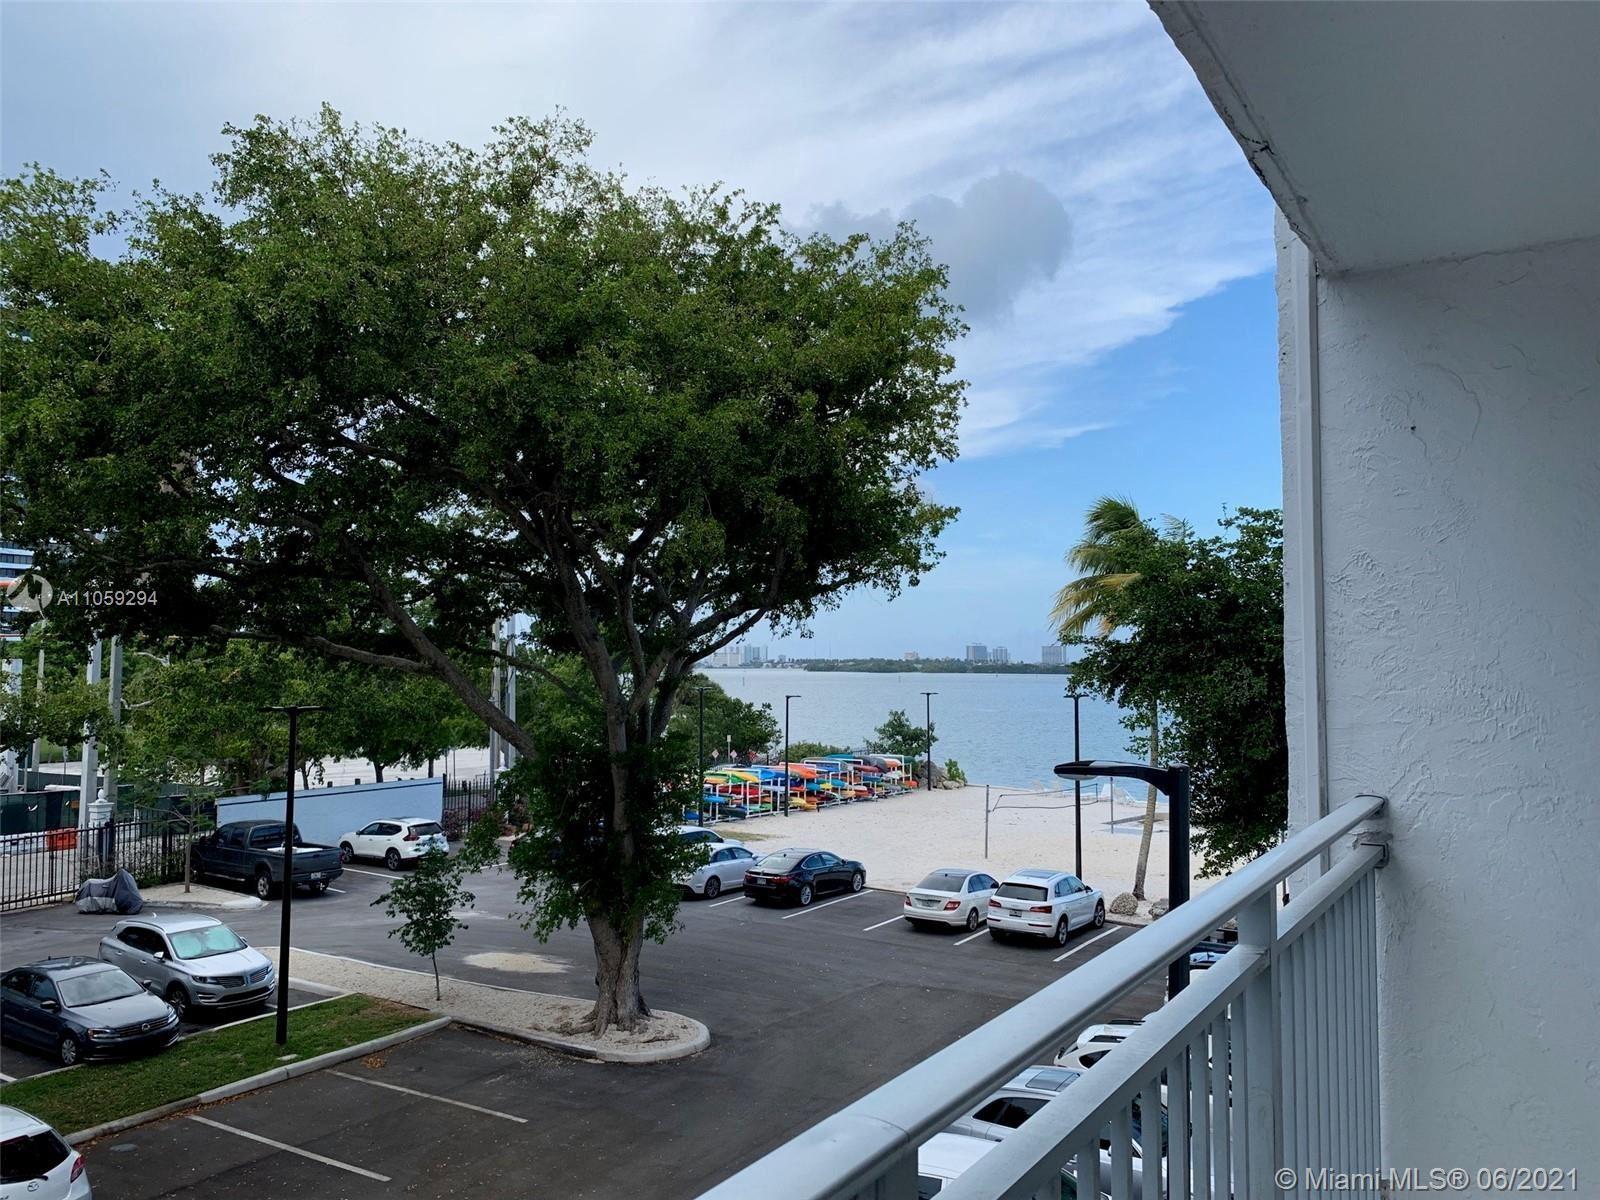 750 NE 64th St #B300, Miami, FL 33138 - #: A11059294